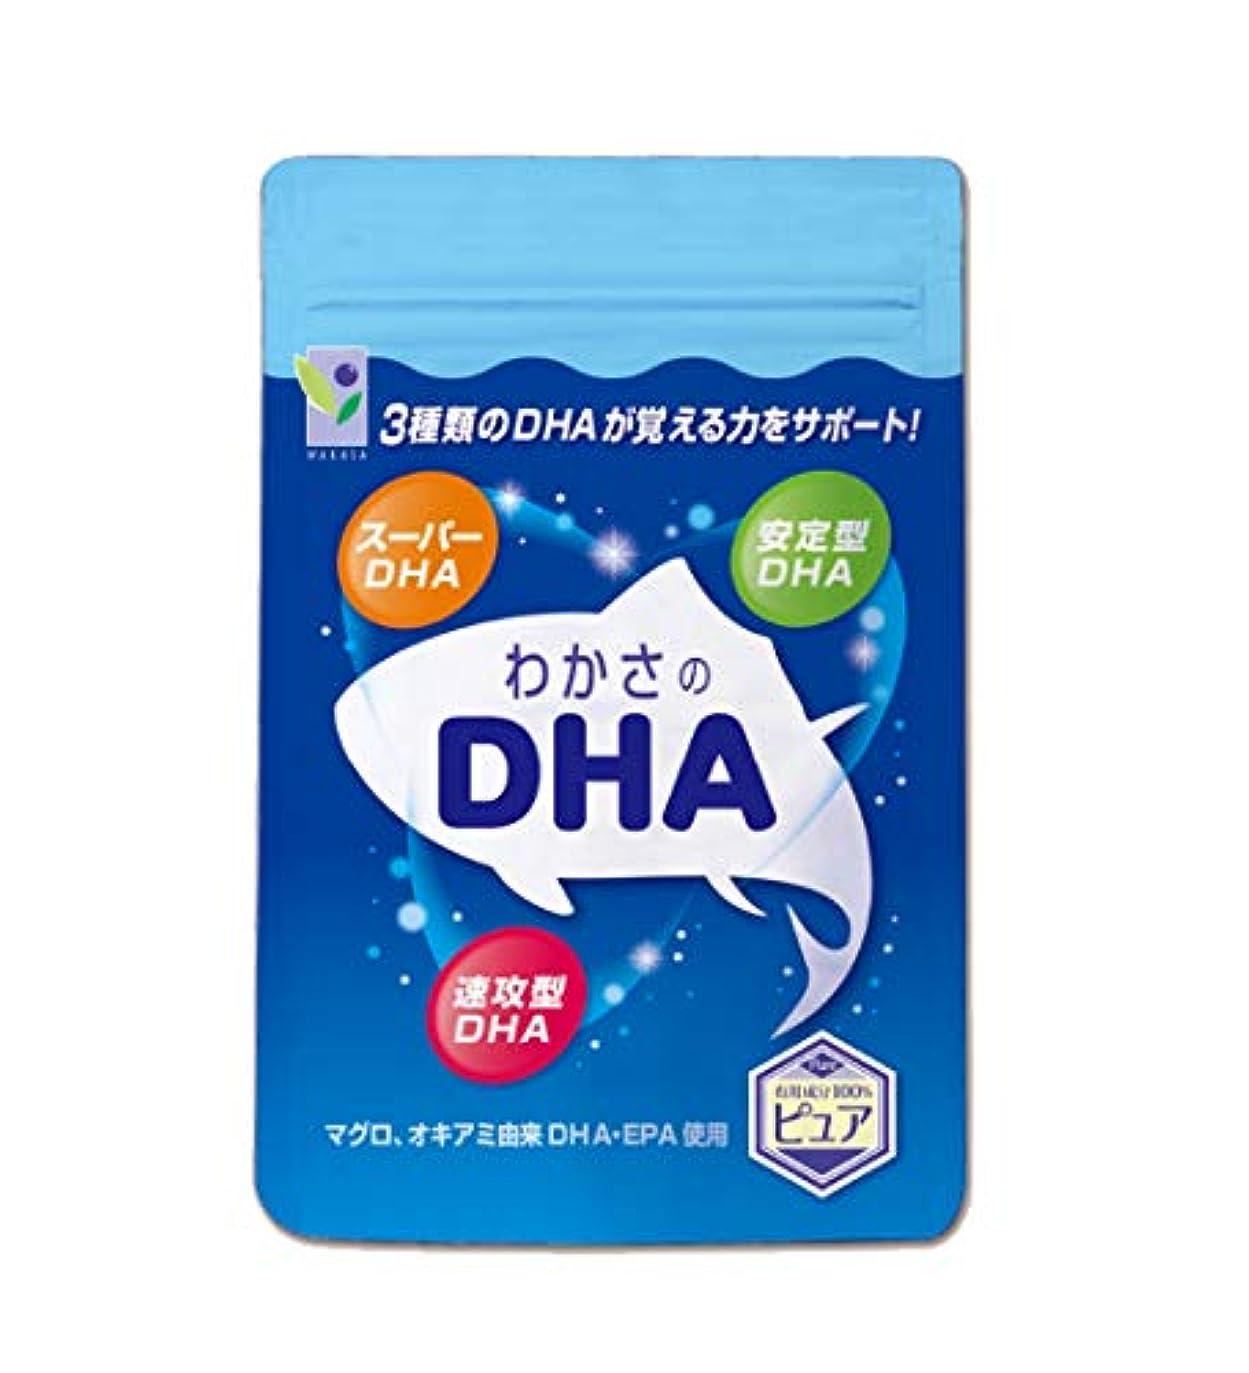 止まる人形絶縁するわかさ生活『わかさのDHA』(1袋62粒入り 約1ヵ月分)(サプリメント)